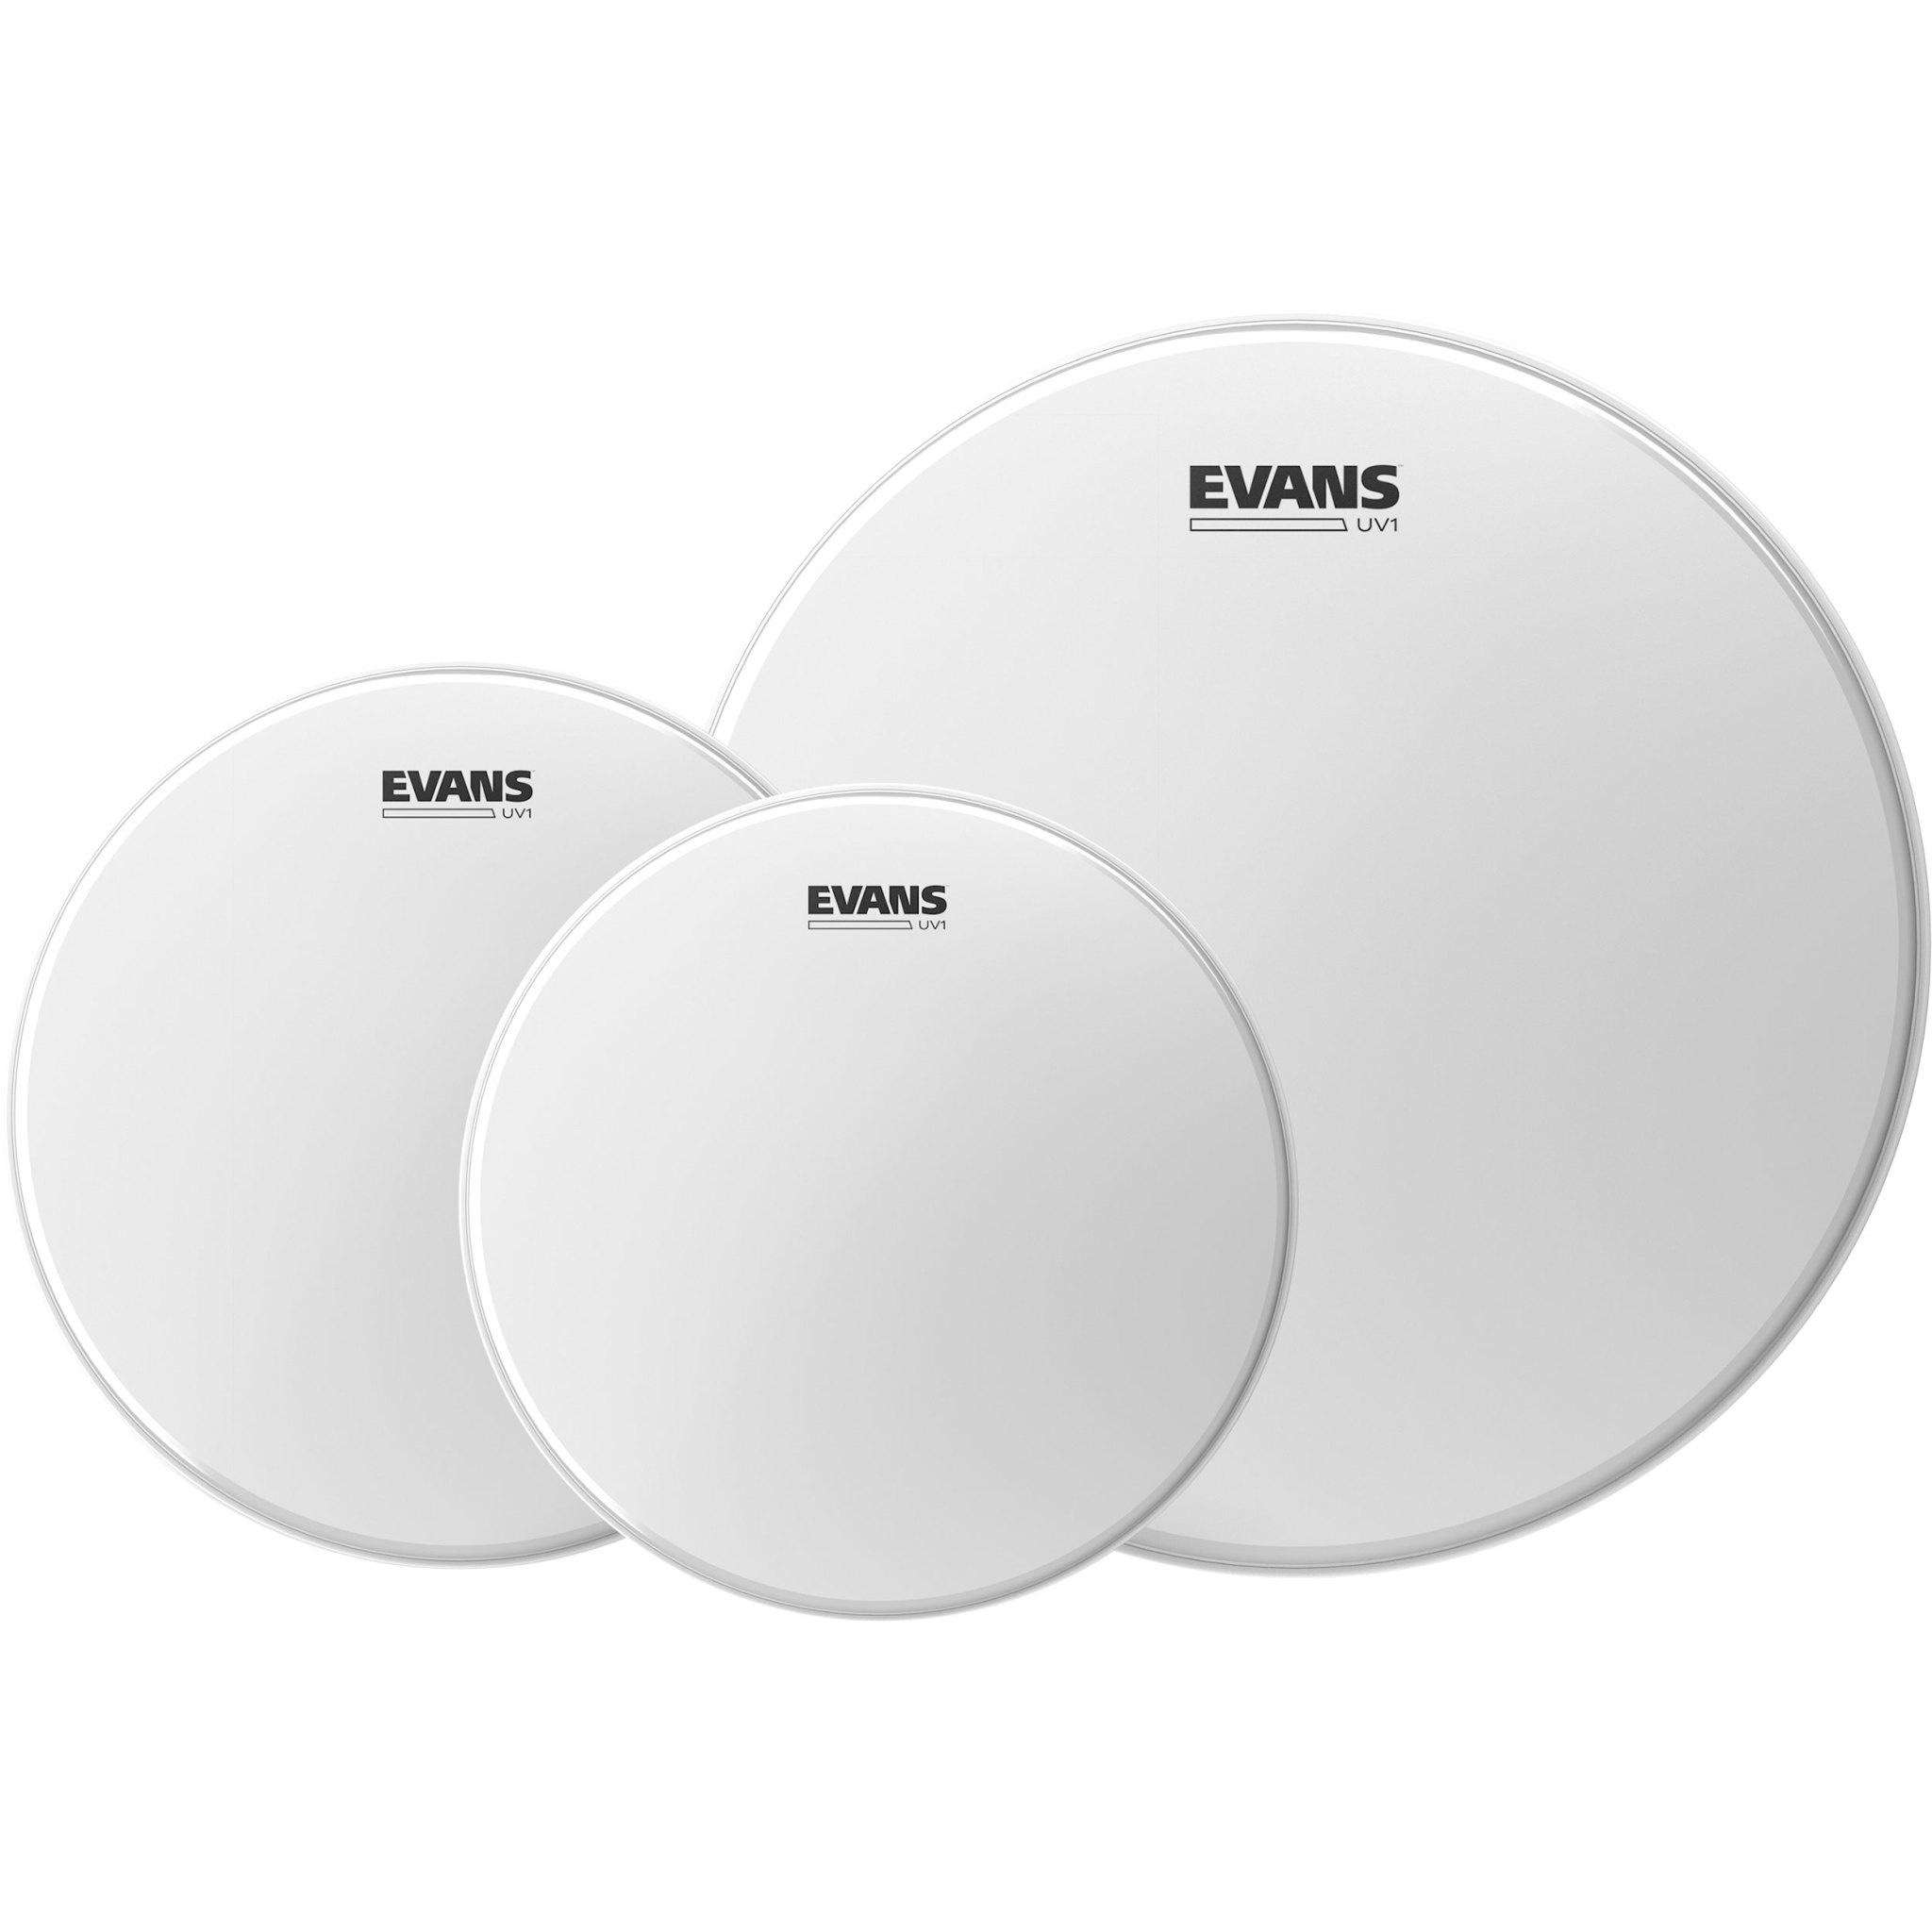 Evans Evans Drumhead pack UV1 Coated 10-12-14in